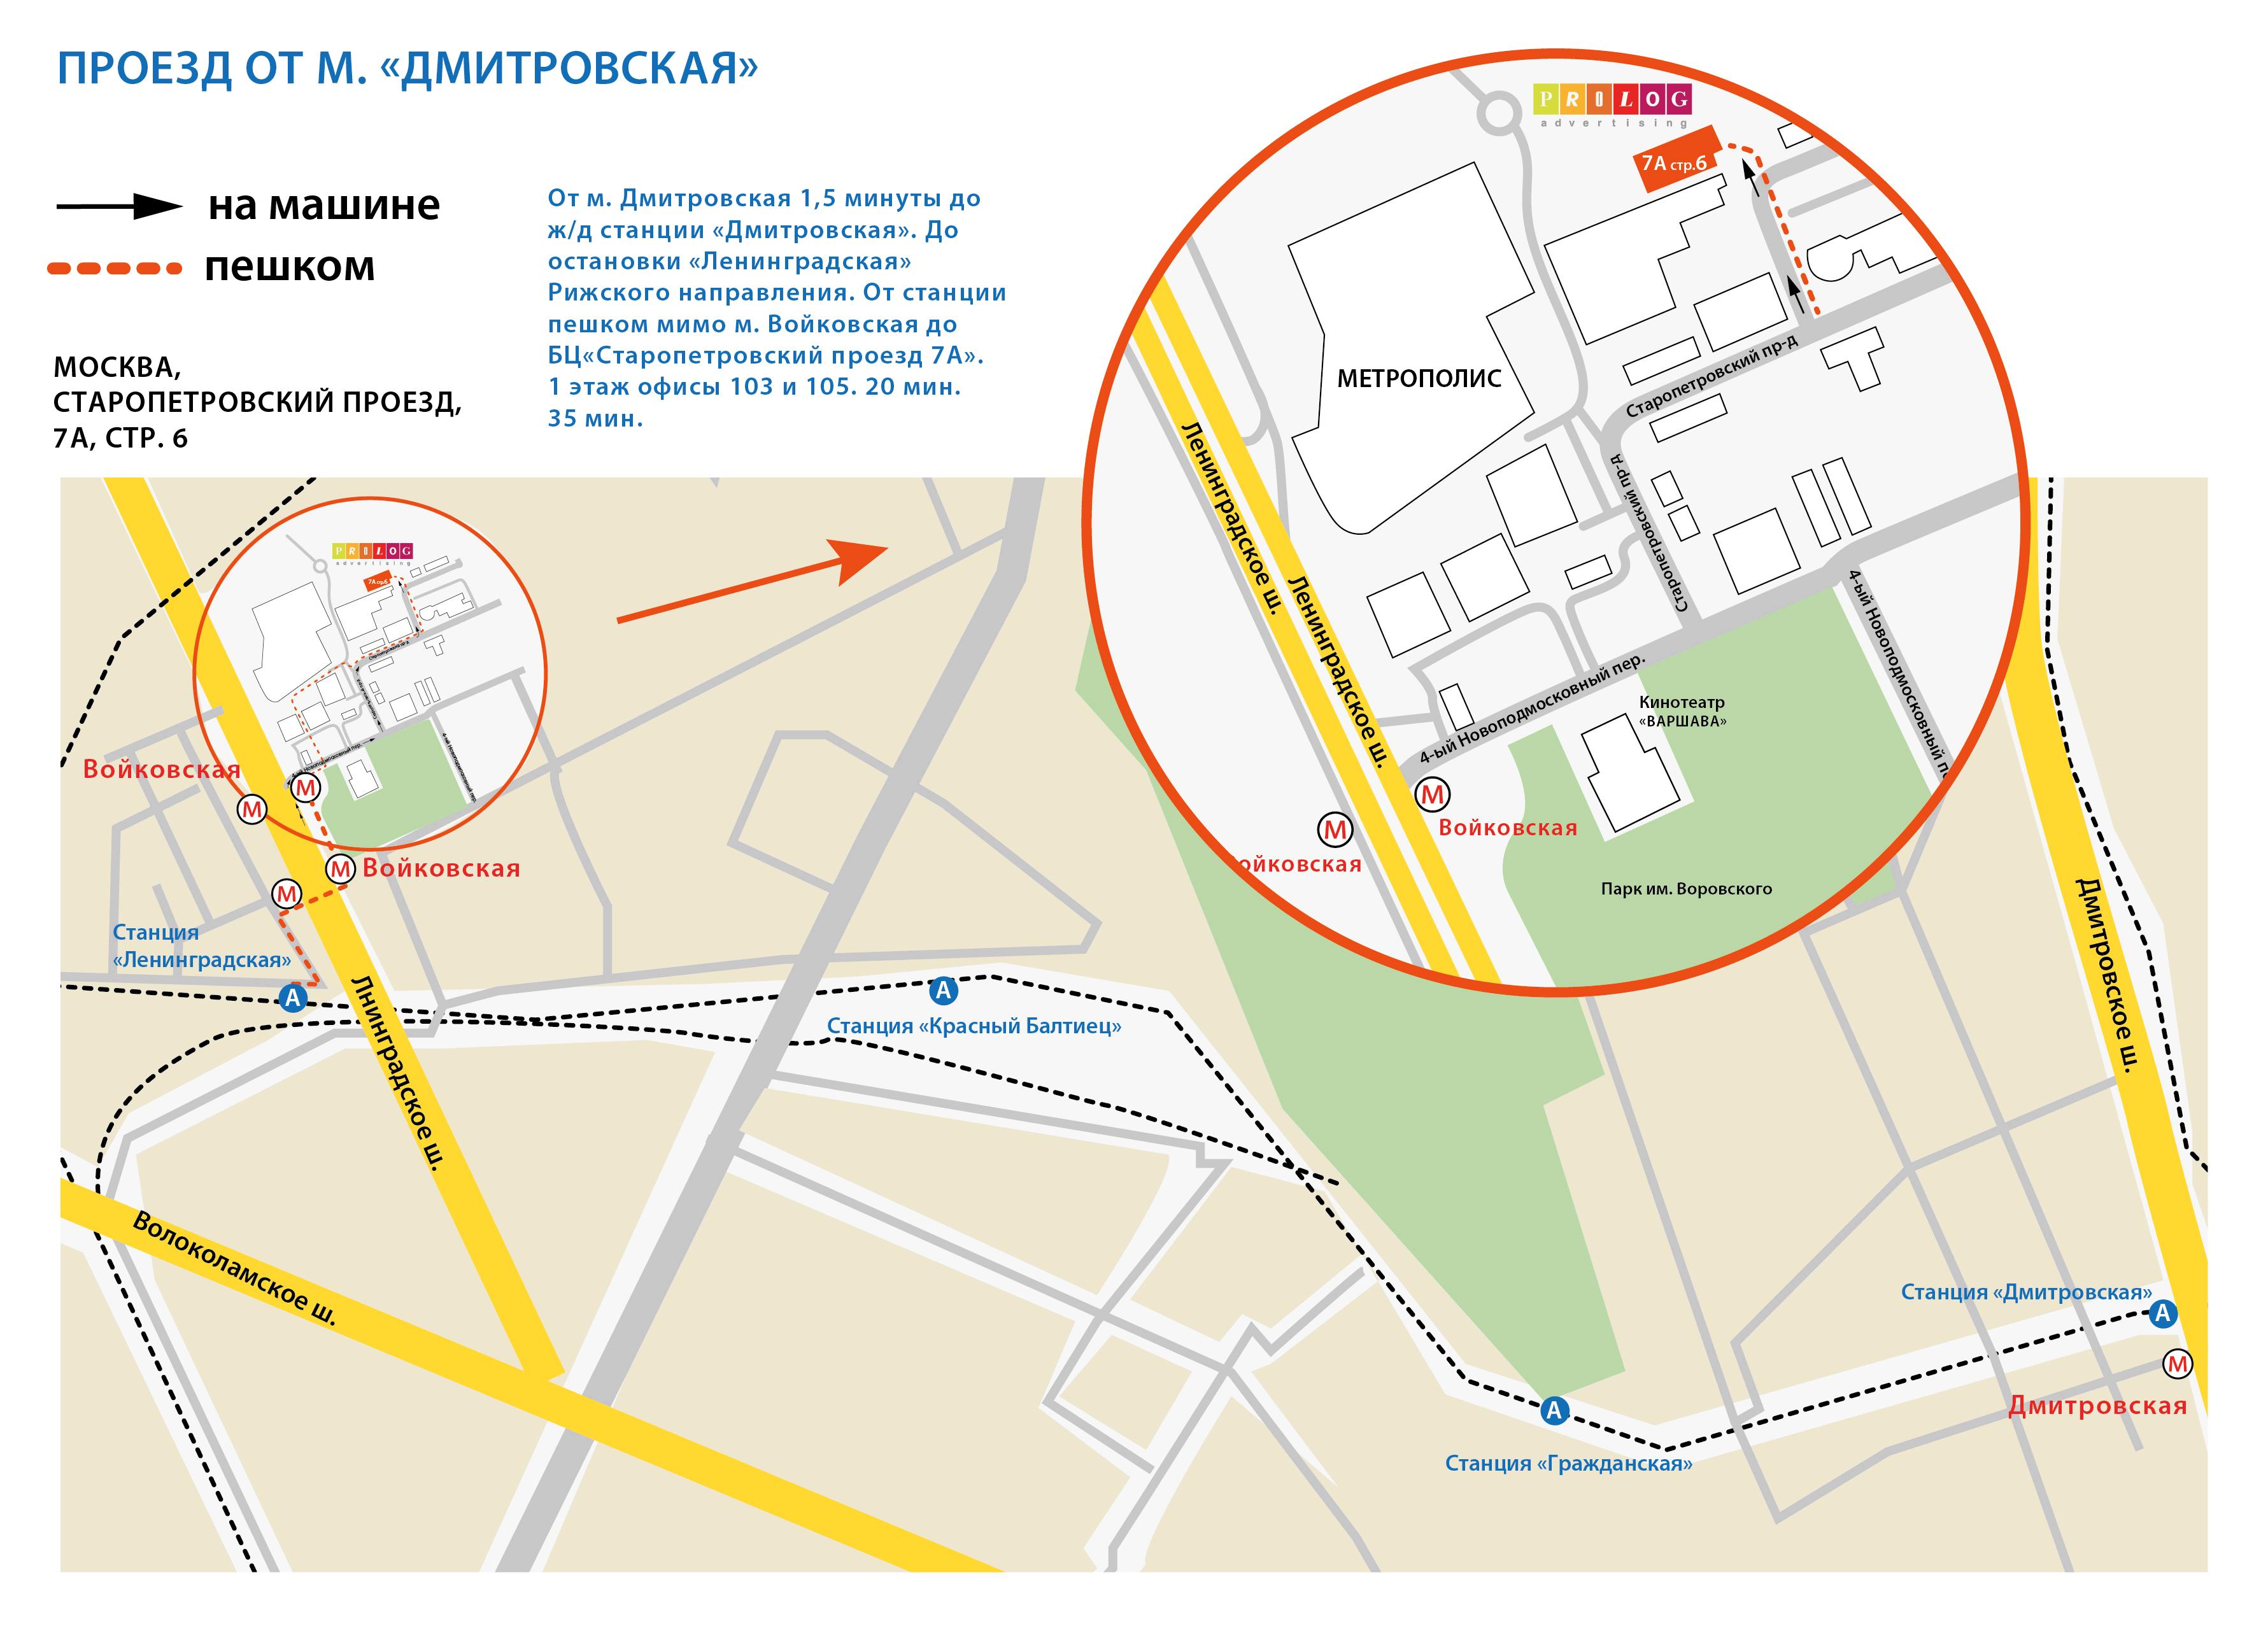 Тк мтк дмитровское шоссе схема проезда